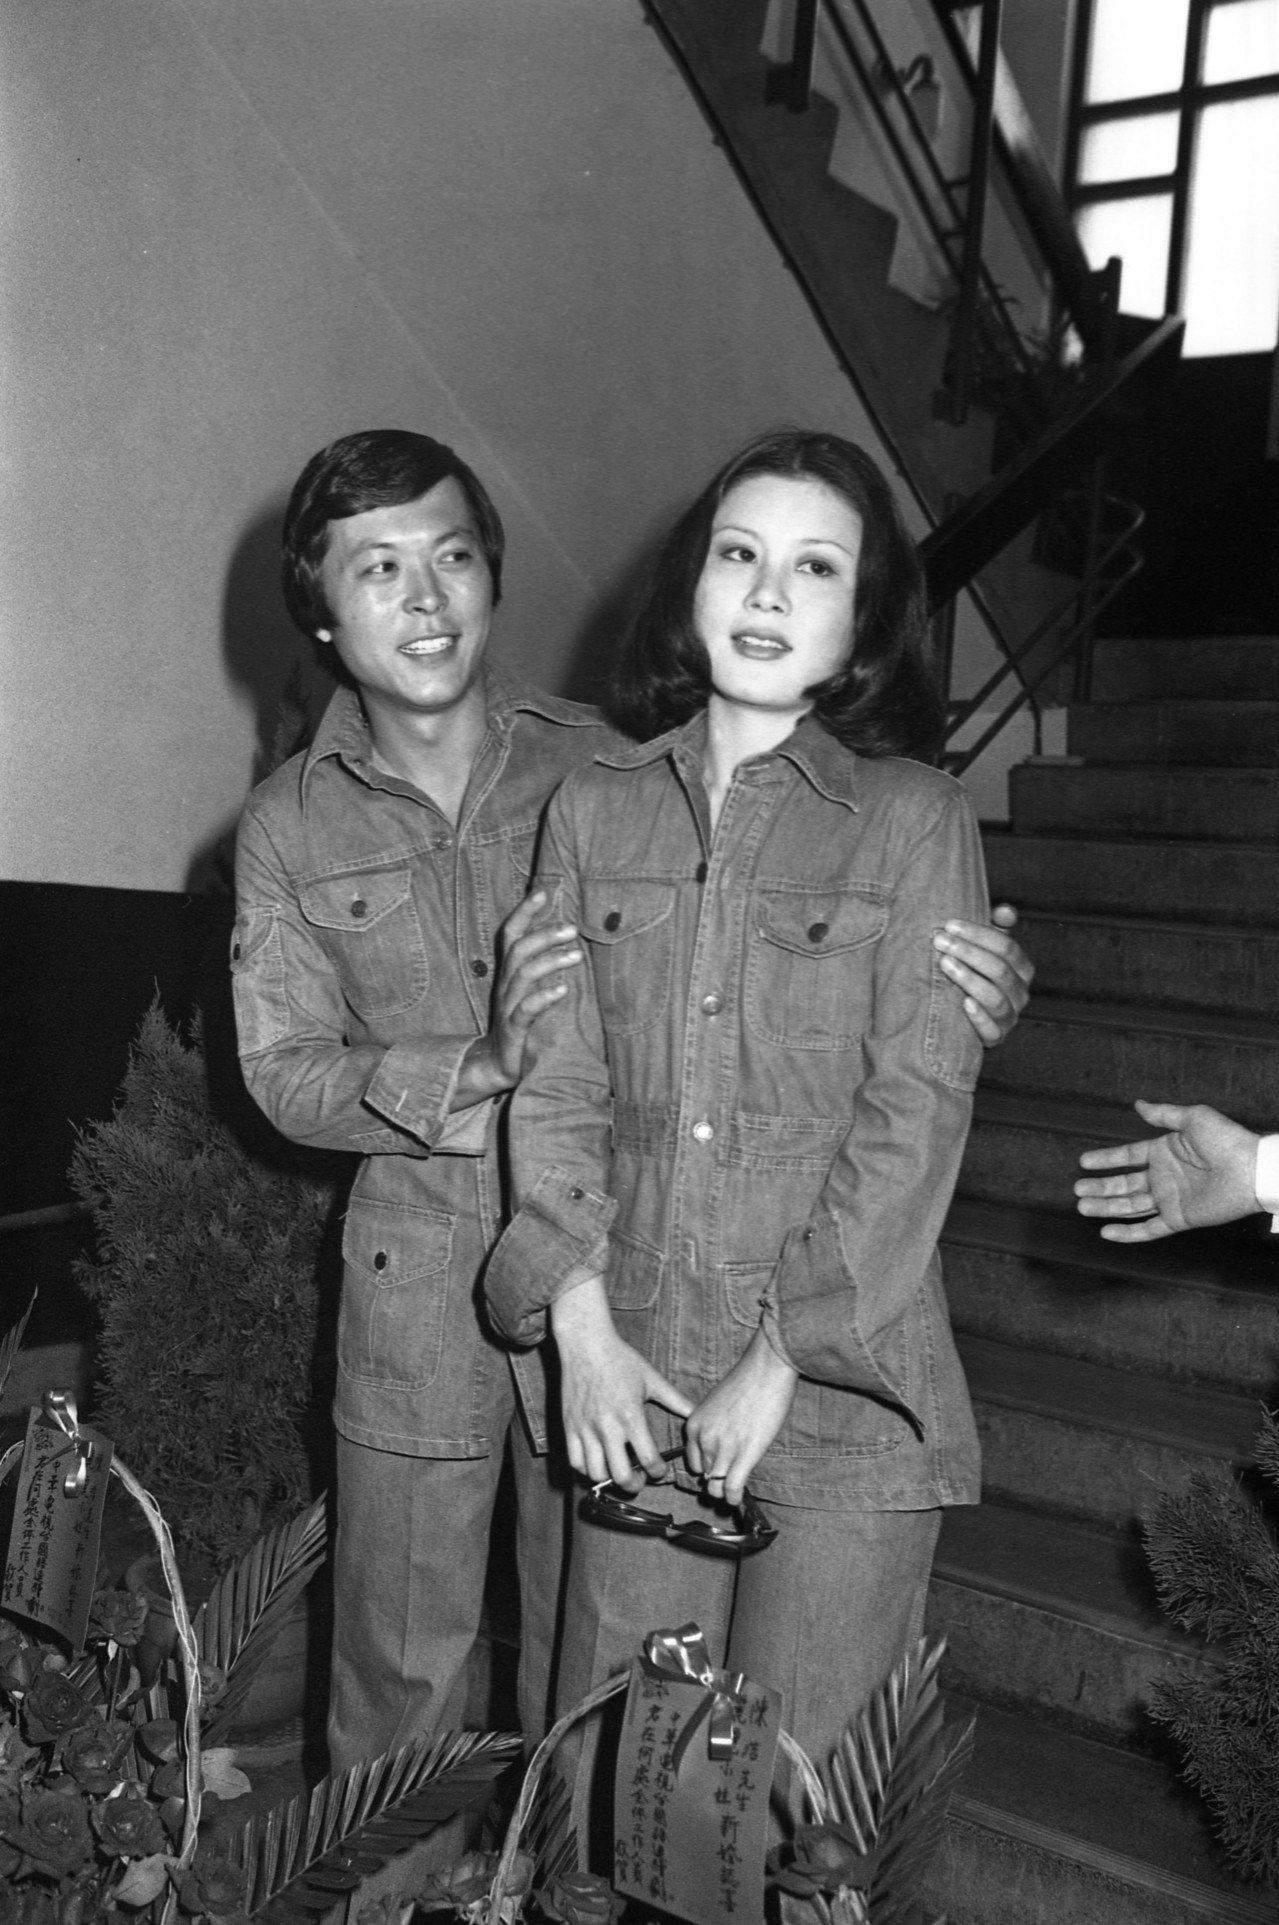 陳麗麗1975年與香港影星陳浩在台北地方法院公證處完成婚禮。圖/本報資料照